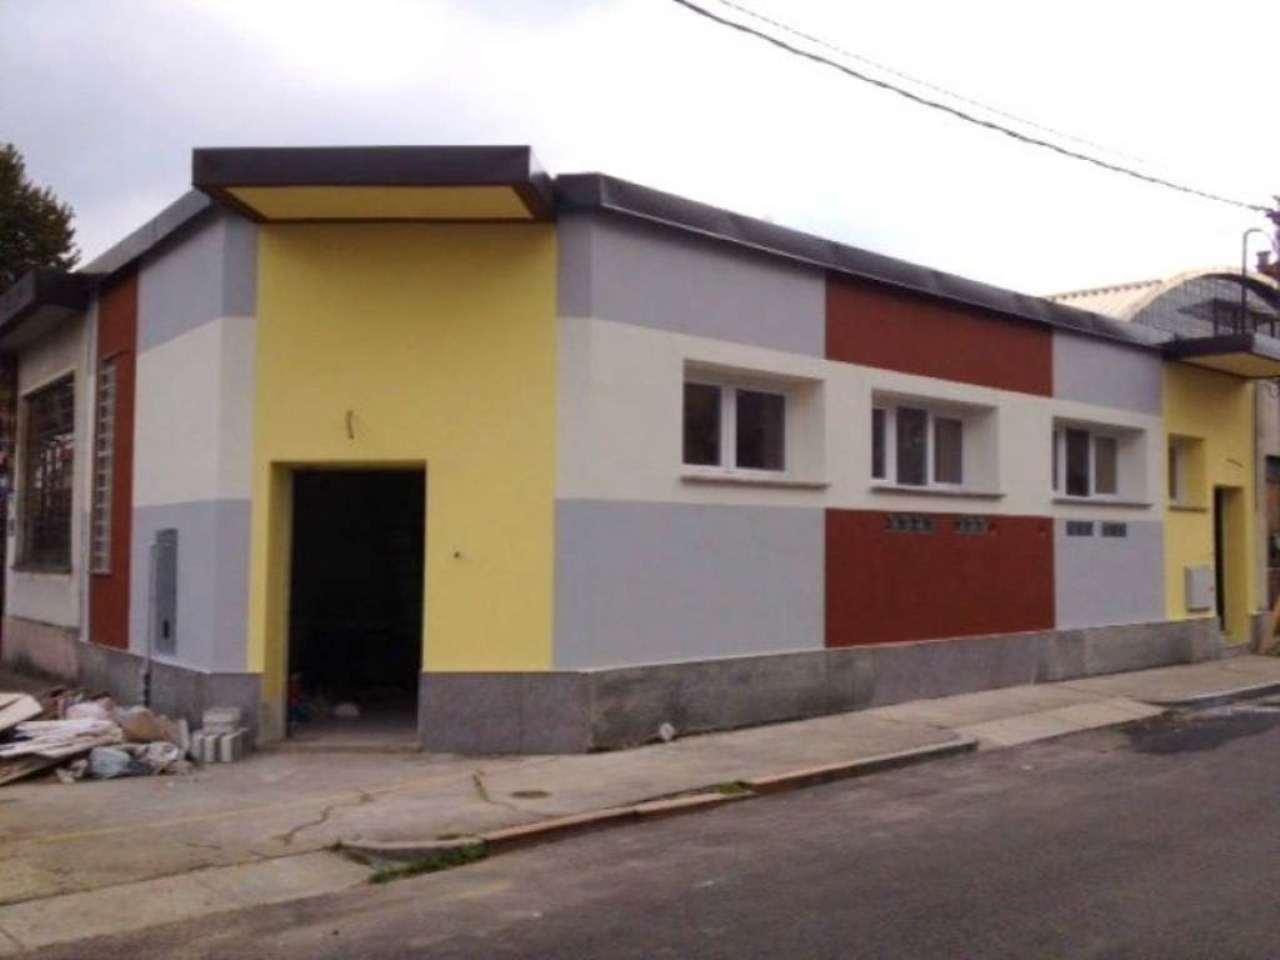 Loft / Openspace in vendita a Grugliasco, 3 locali, prezzo € 85.000 | Cambio Casa.it